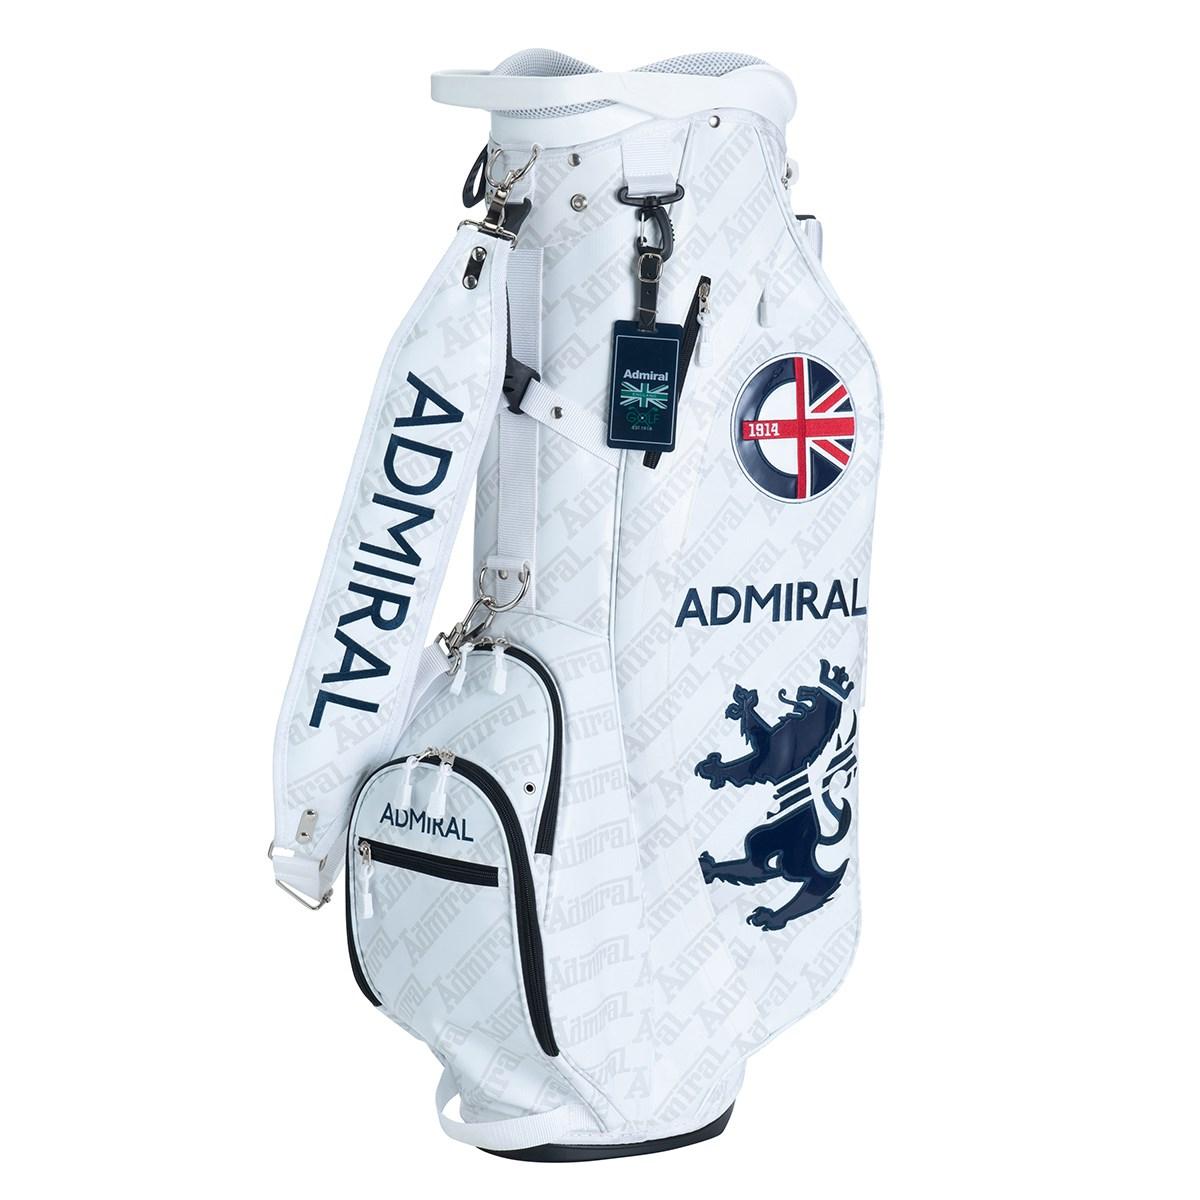 アドミラル Admiral レーシングロゴ スタンドキャディバッグ ホワイト 00